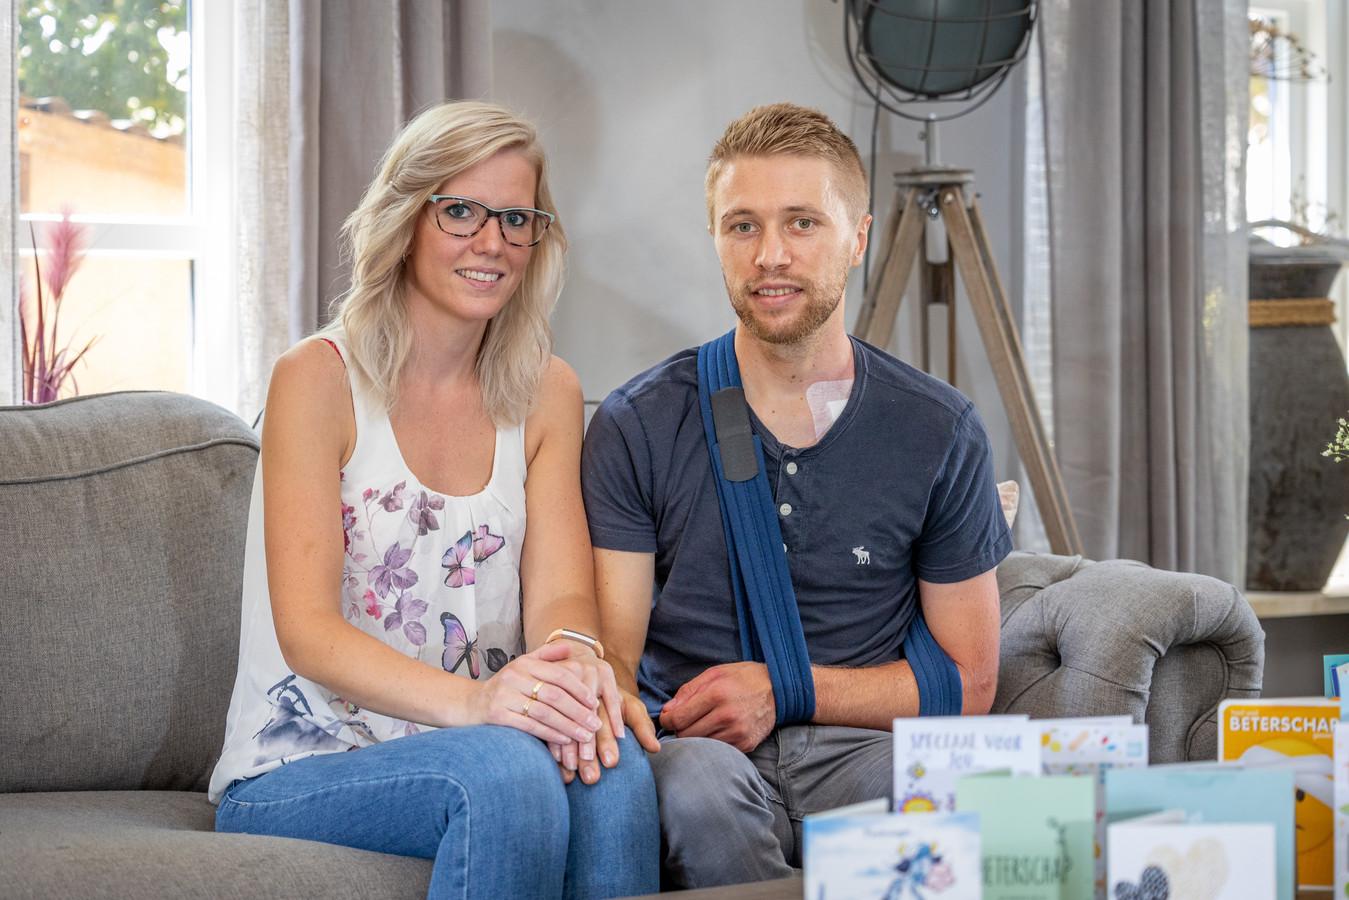 Maurits en Marion Lammertink zijn door een hel gegaan, Maurits raakte enkele weken geleden zwaar gewond toen hij werd aangereden door een scooter.